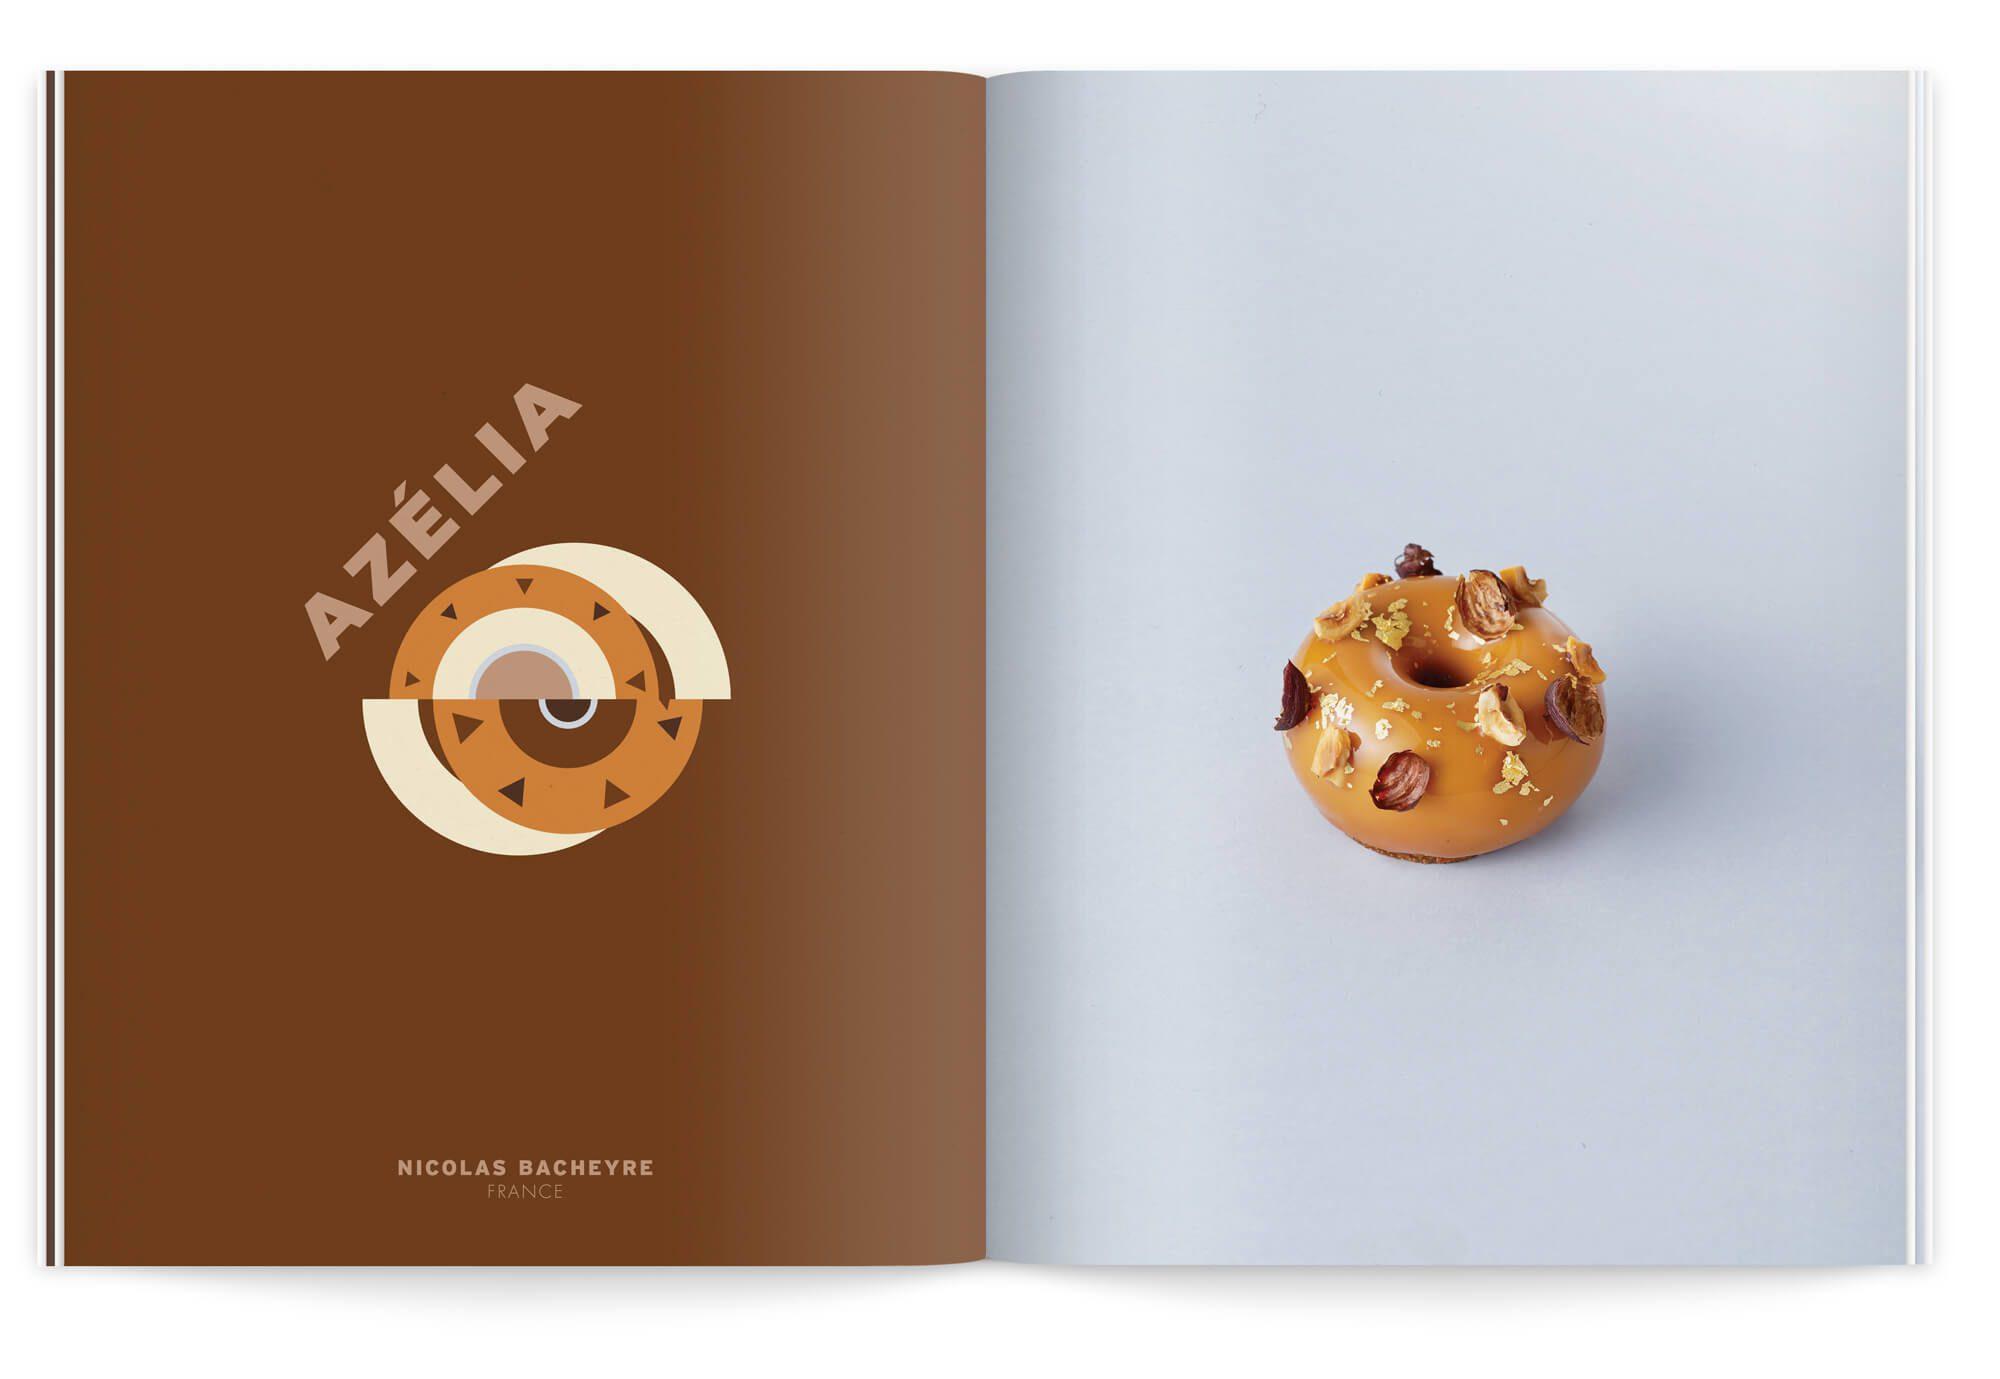 double page de la nouvelle édition la crème de la crème dans des teintes chocolat, Ich&Kar illustre le gâteau azélia de nicolas bacheyre